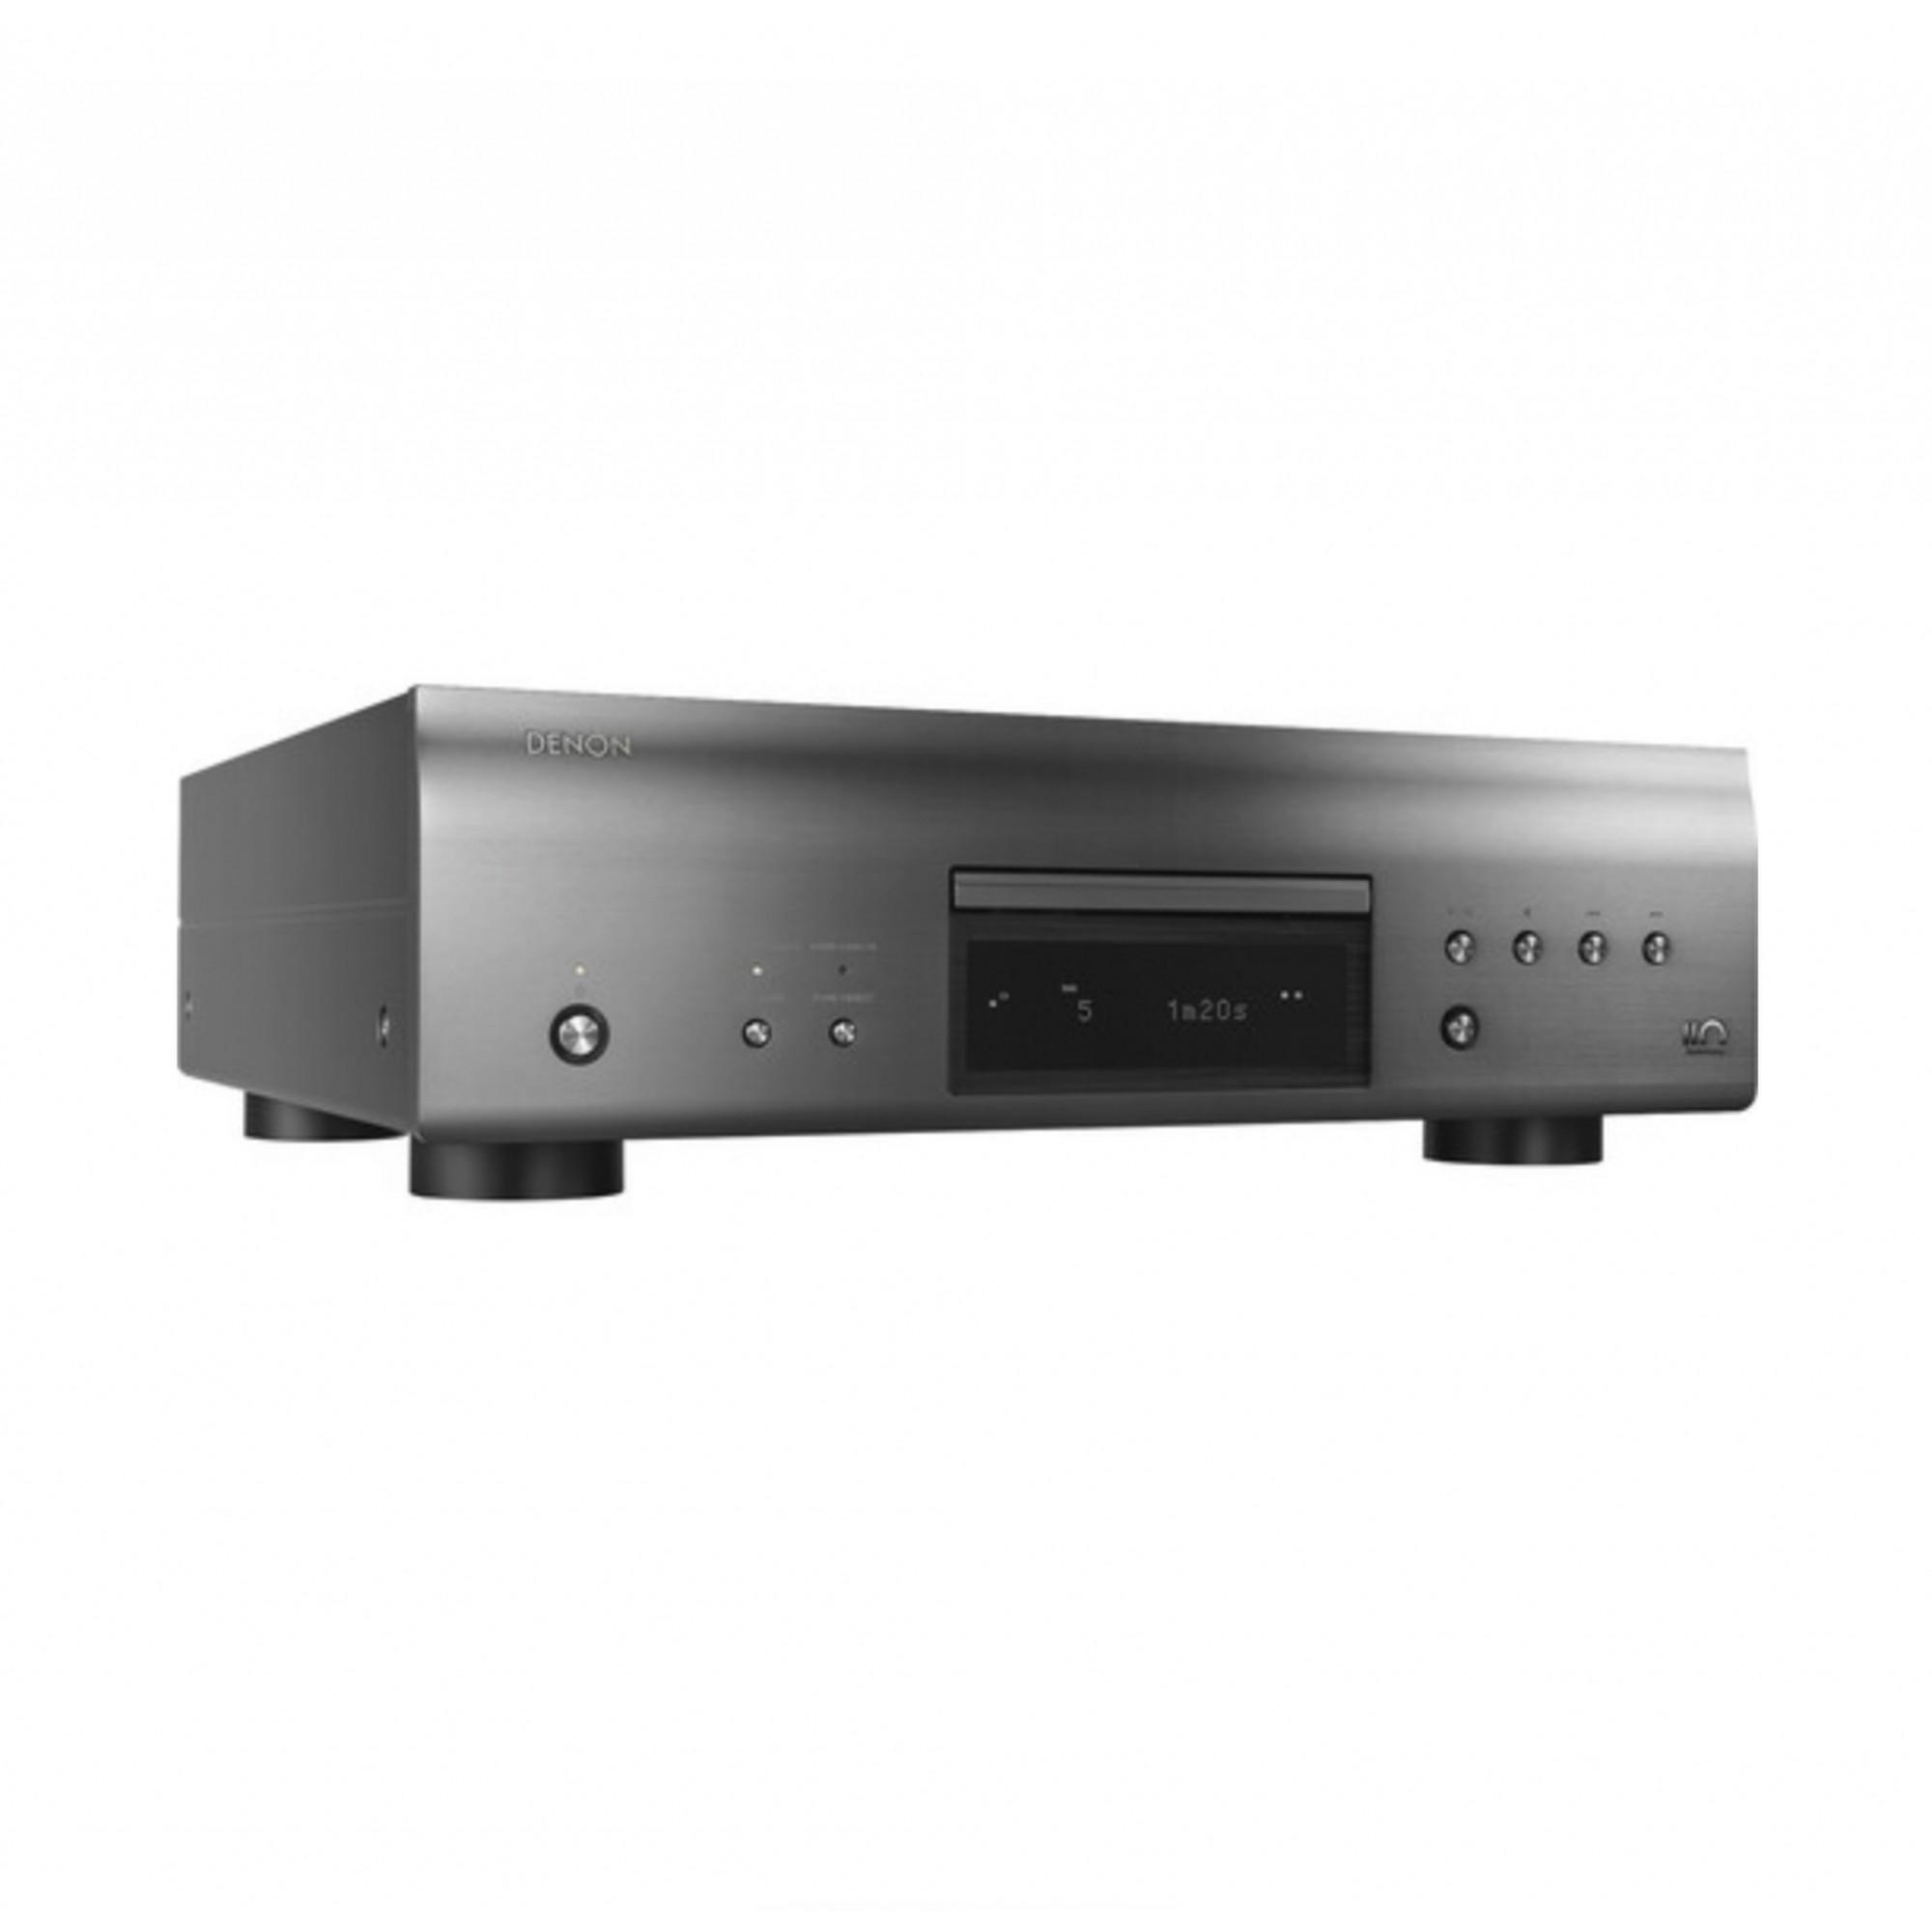 Denon DCD-A110 110-Year Anniversary Edition SACD Player